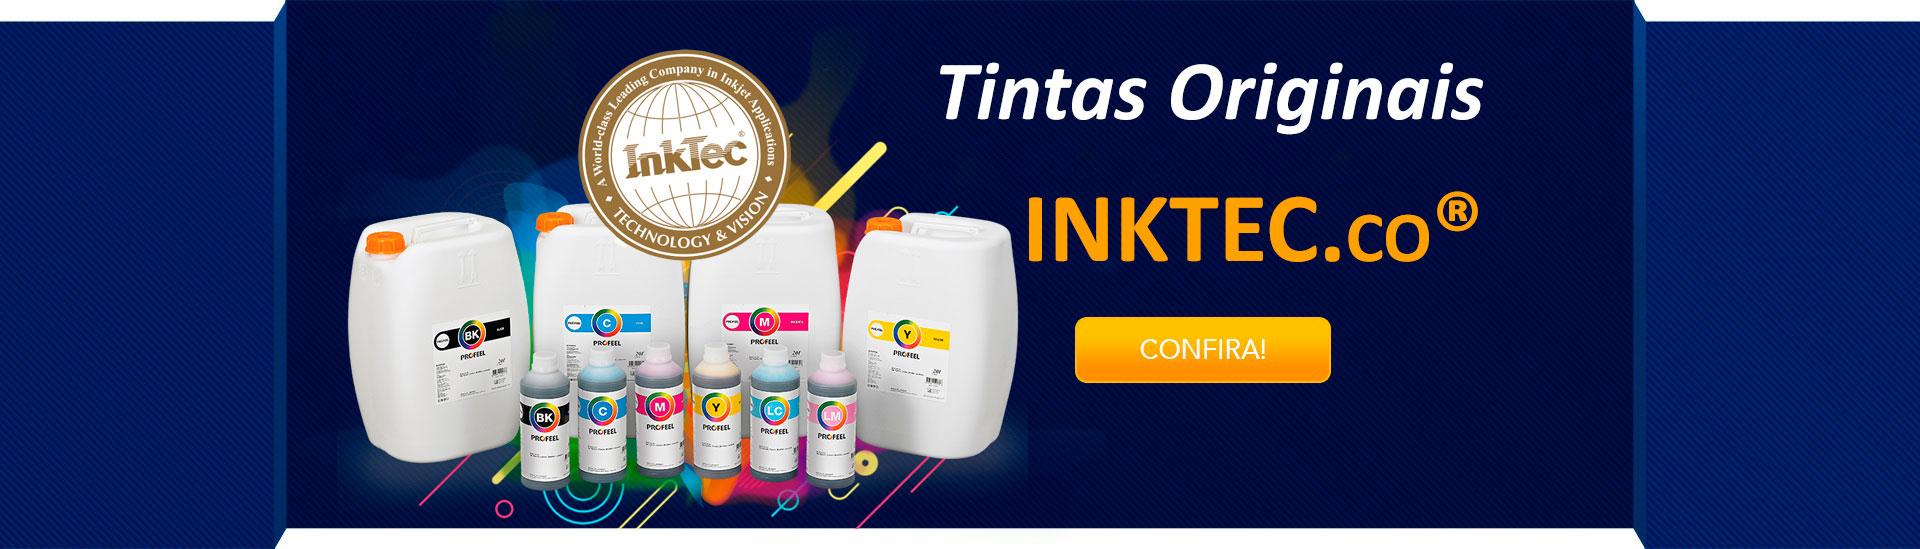 Tintas originais InkTec